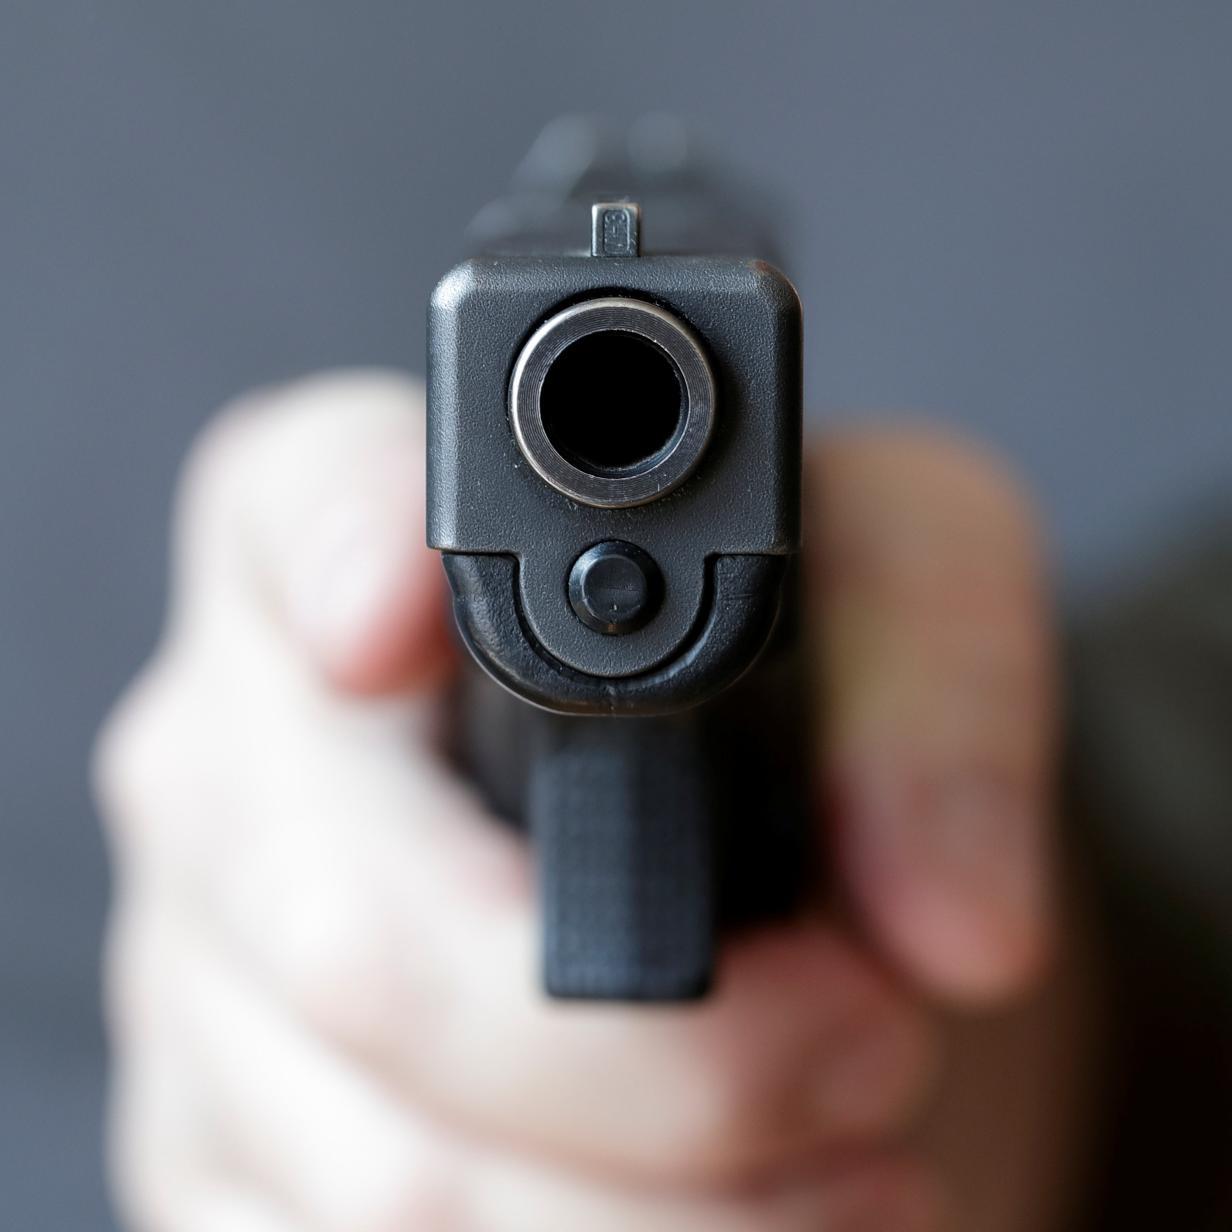 Mobbing-Verdacht bei der Polizei: Zwei Pistolen verschwunden